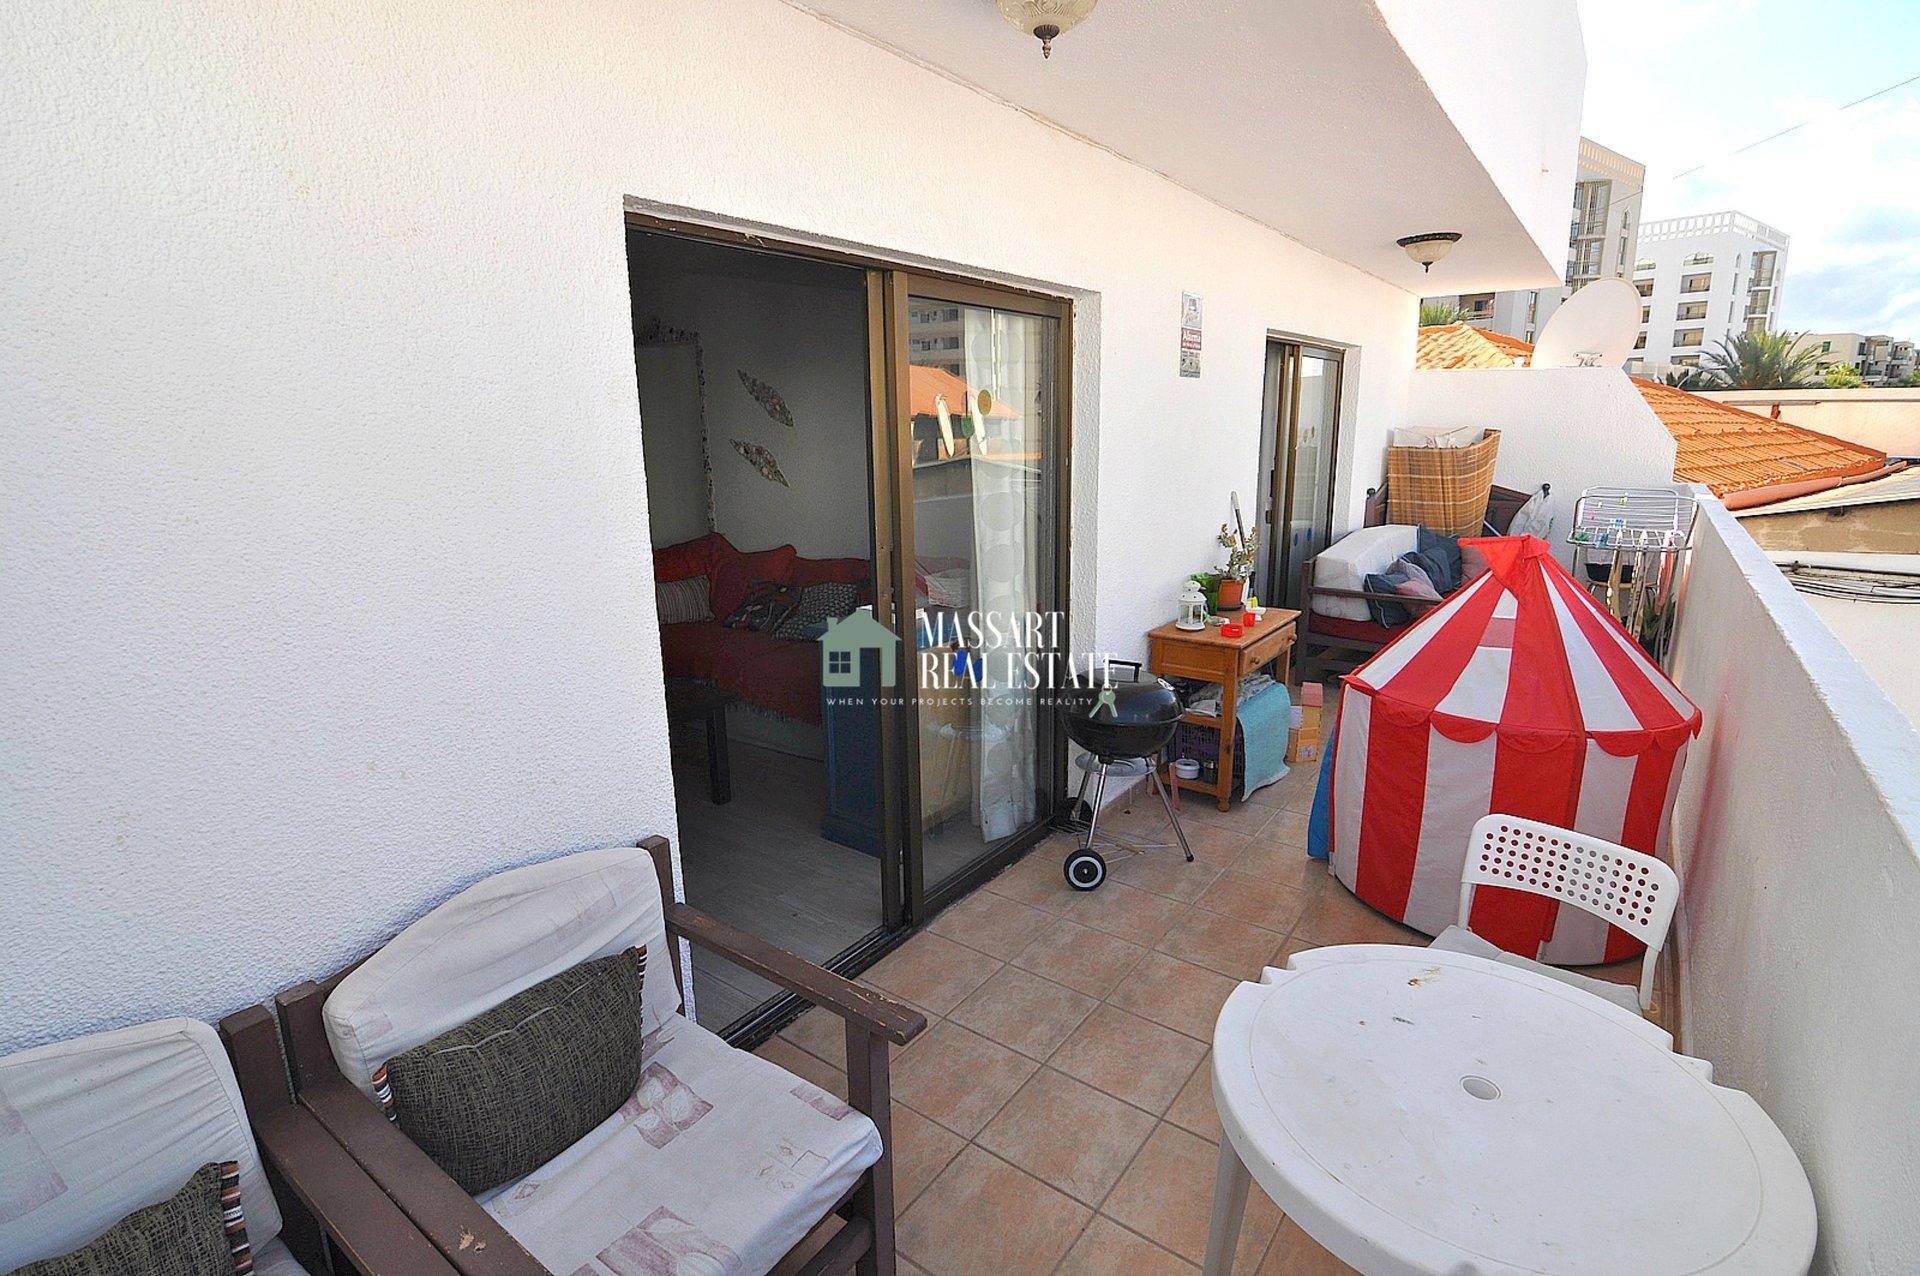 In vendita nel centro di Las Américas, appartamento completamente arredato e recentemente ristrutturato ... con licenza di vacanza!